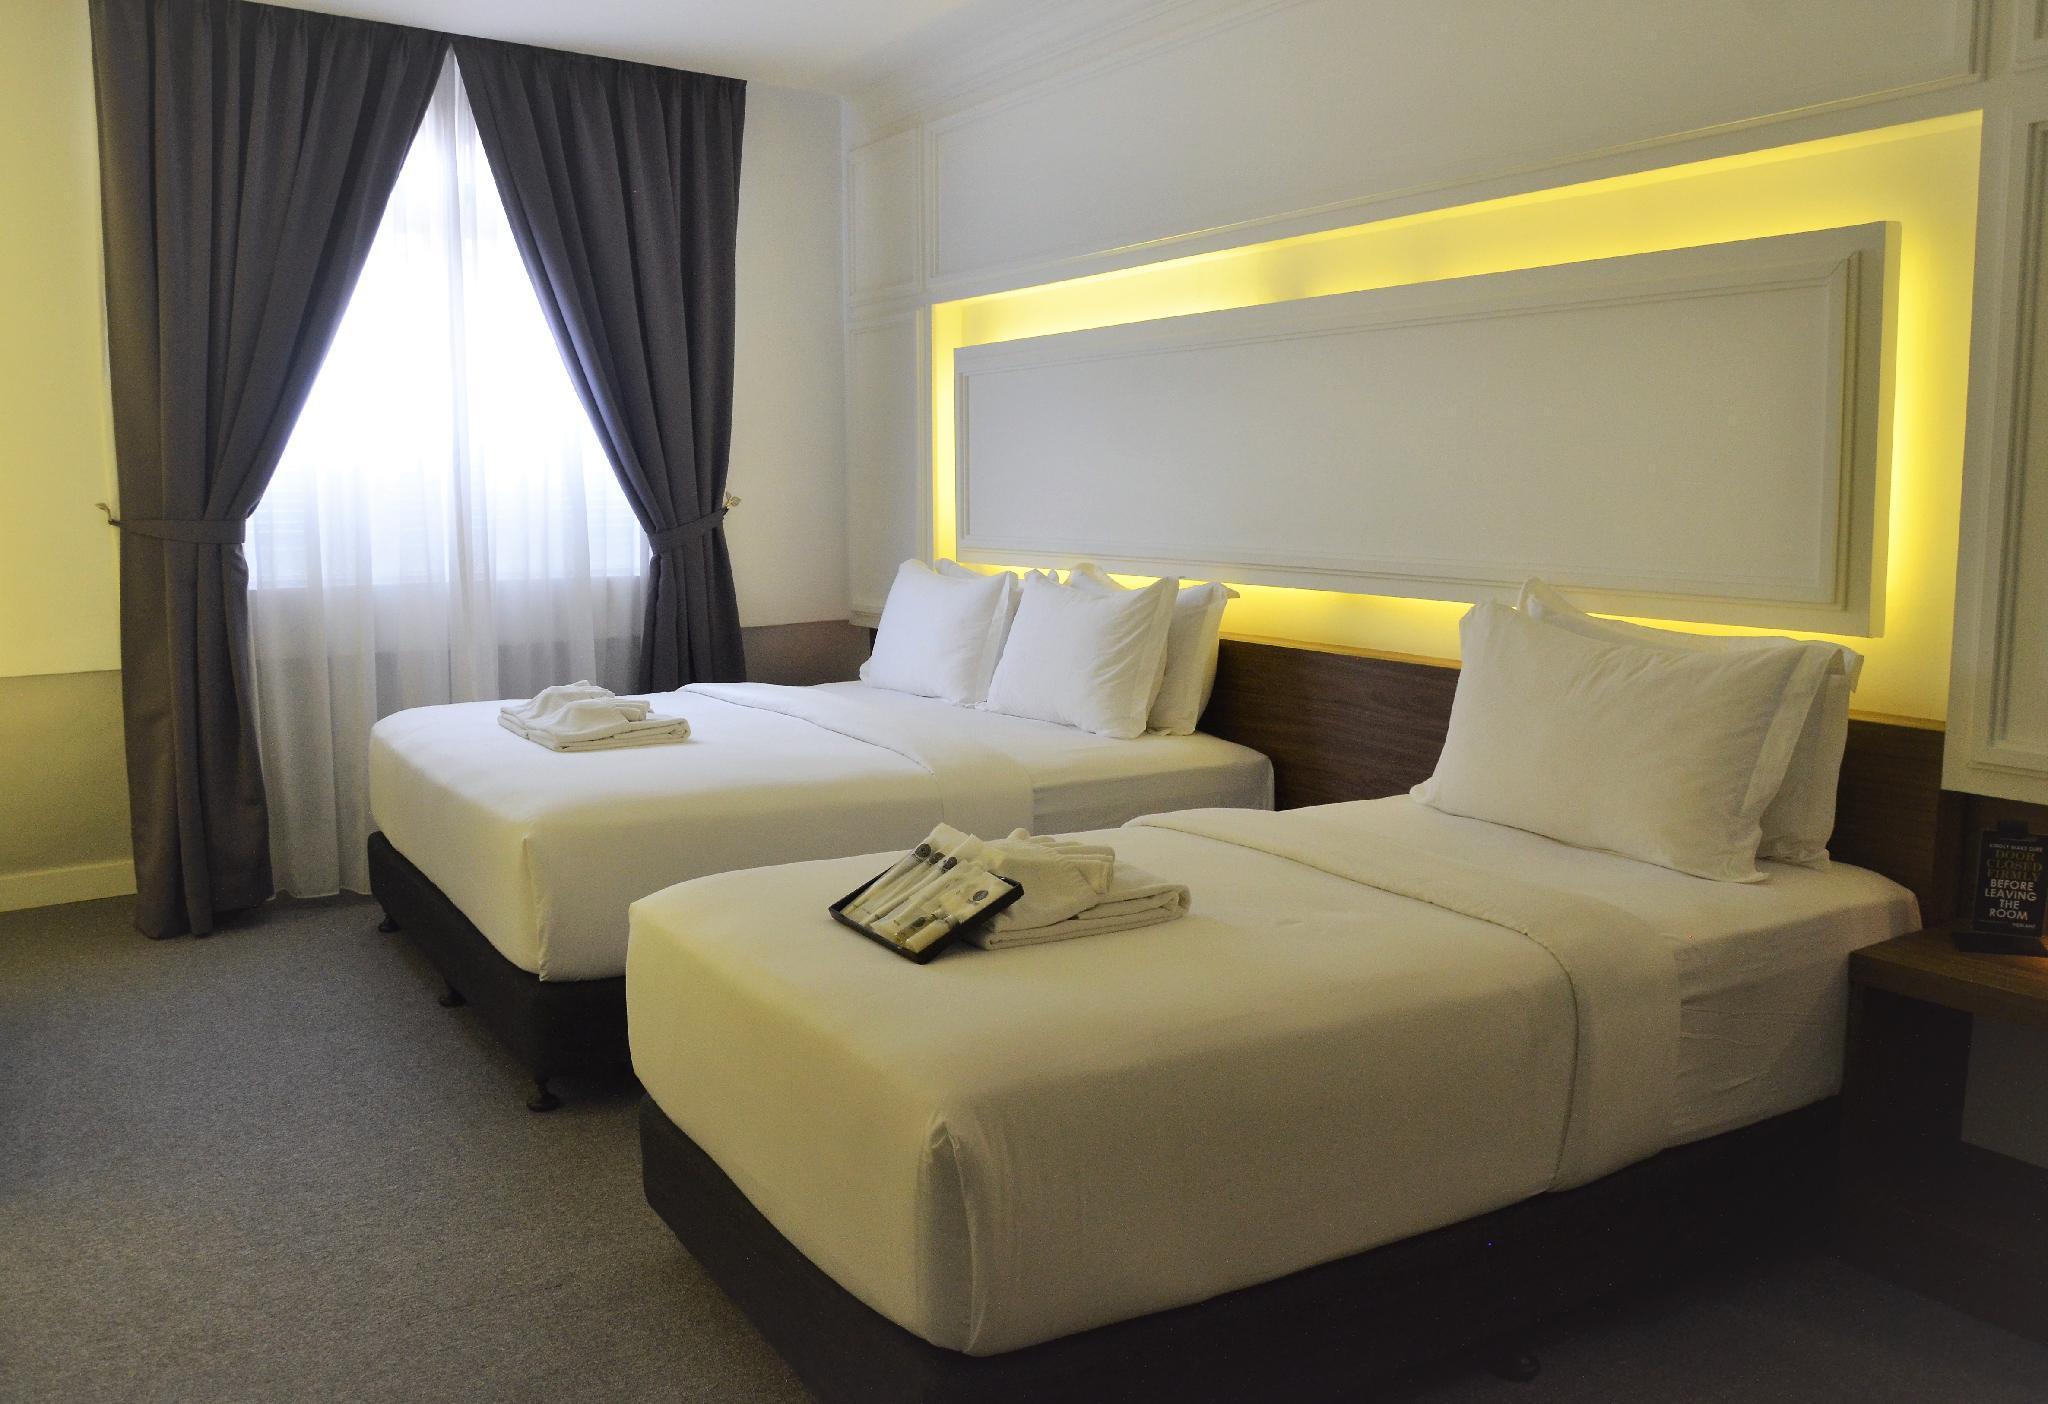 TheBlanc Boutique Hotel, Kota Melaka